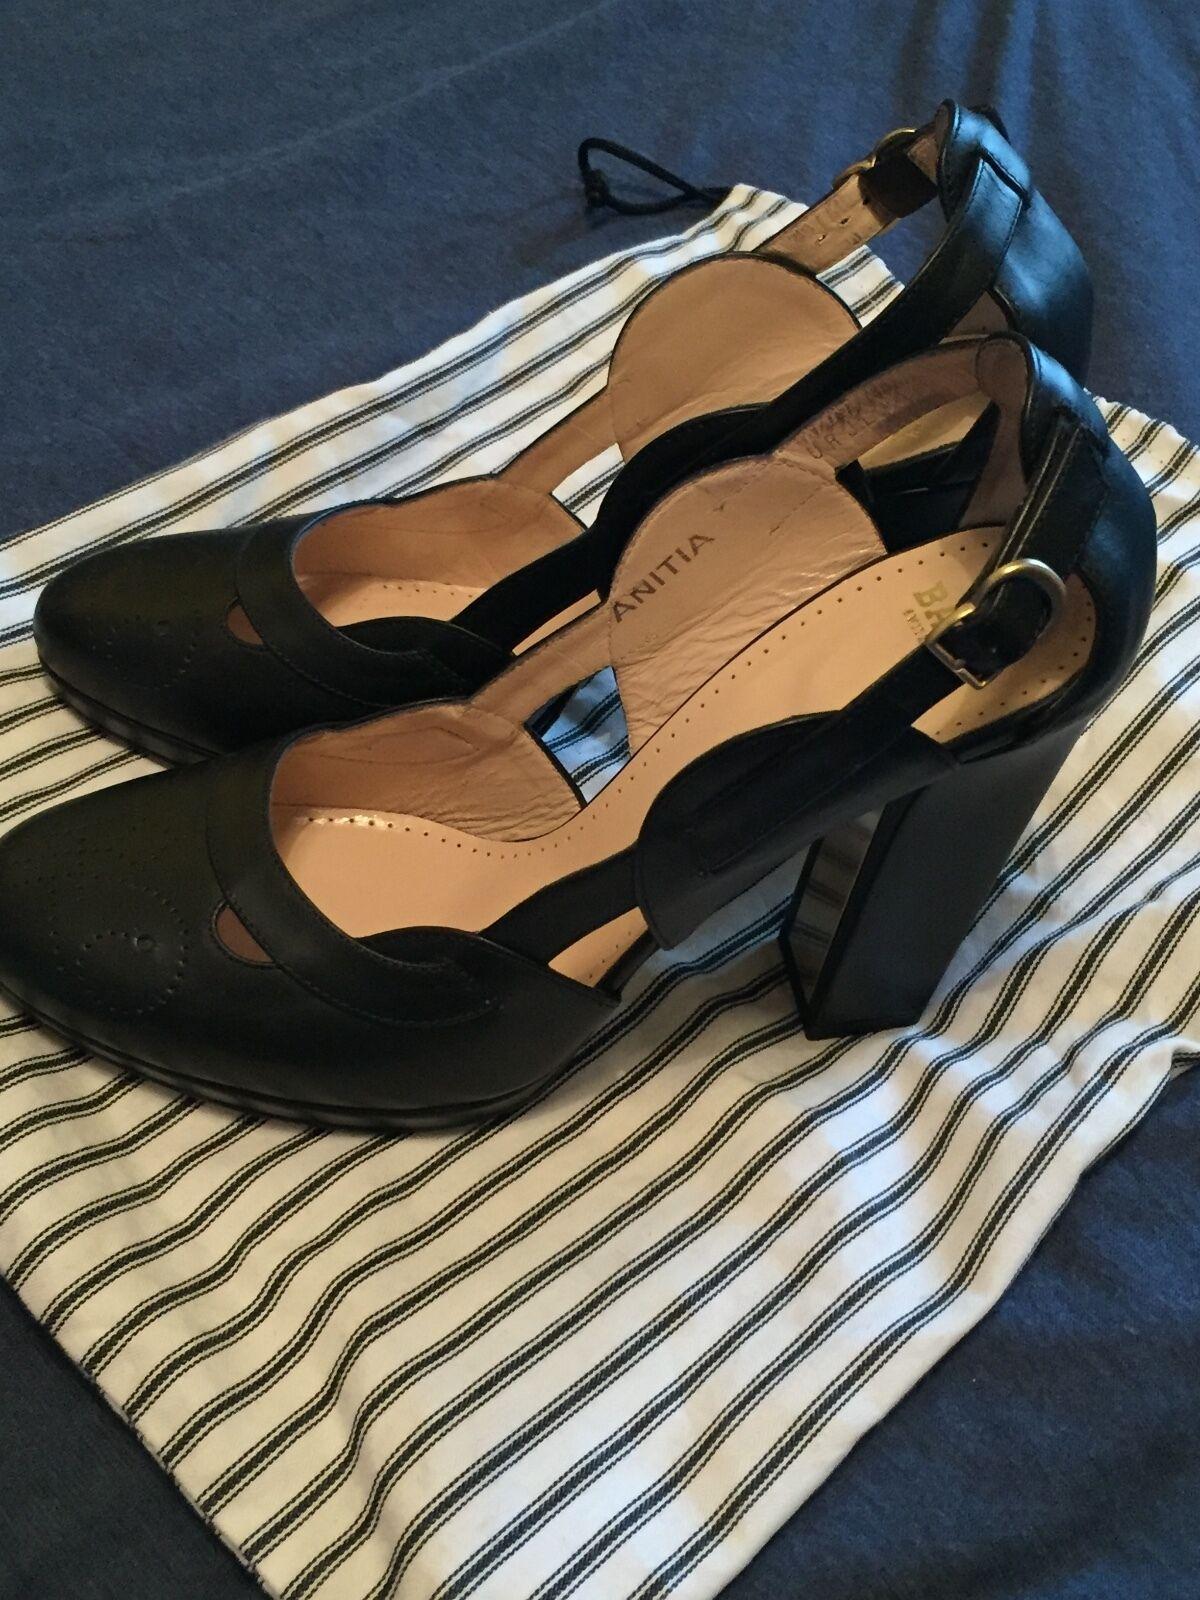 Bally Switzerland Zapatos Plataforma Tacones De Bloque De eu-39.5 Negro Negro Negro Tribunal inanya Bolsa De Polvo  buen precio